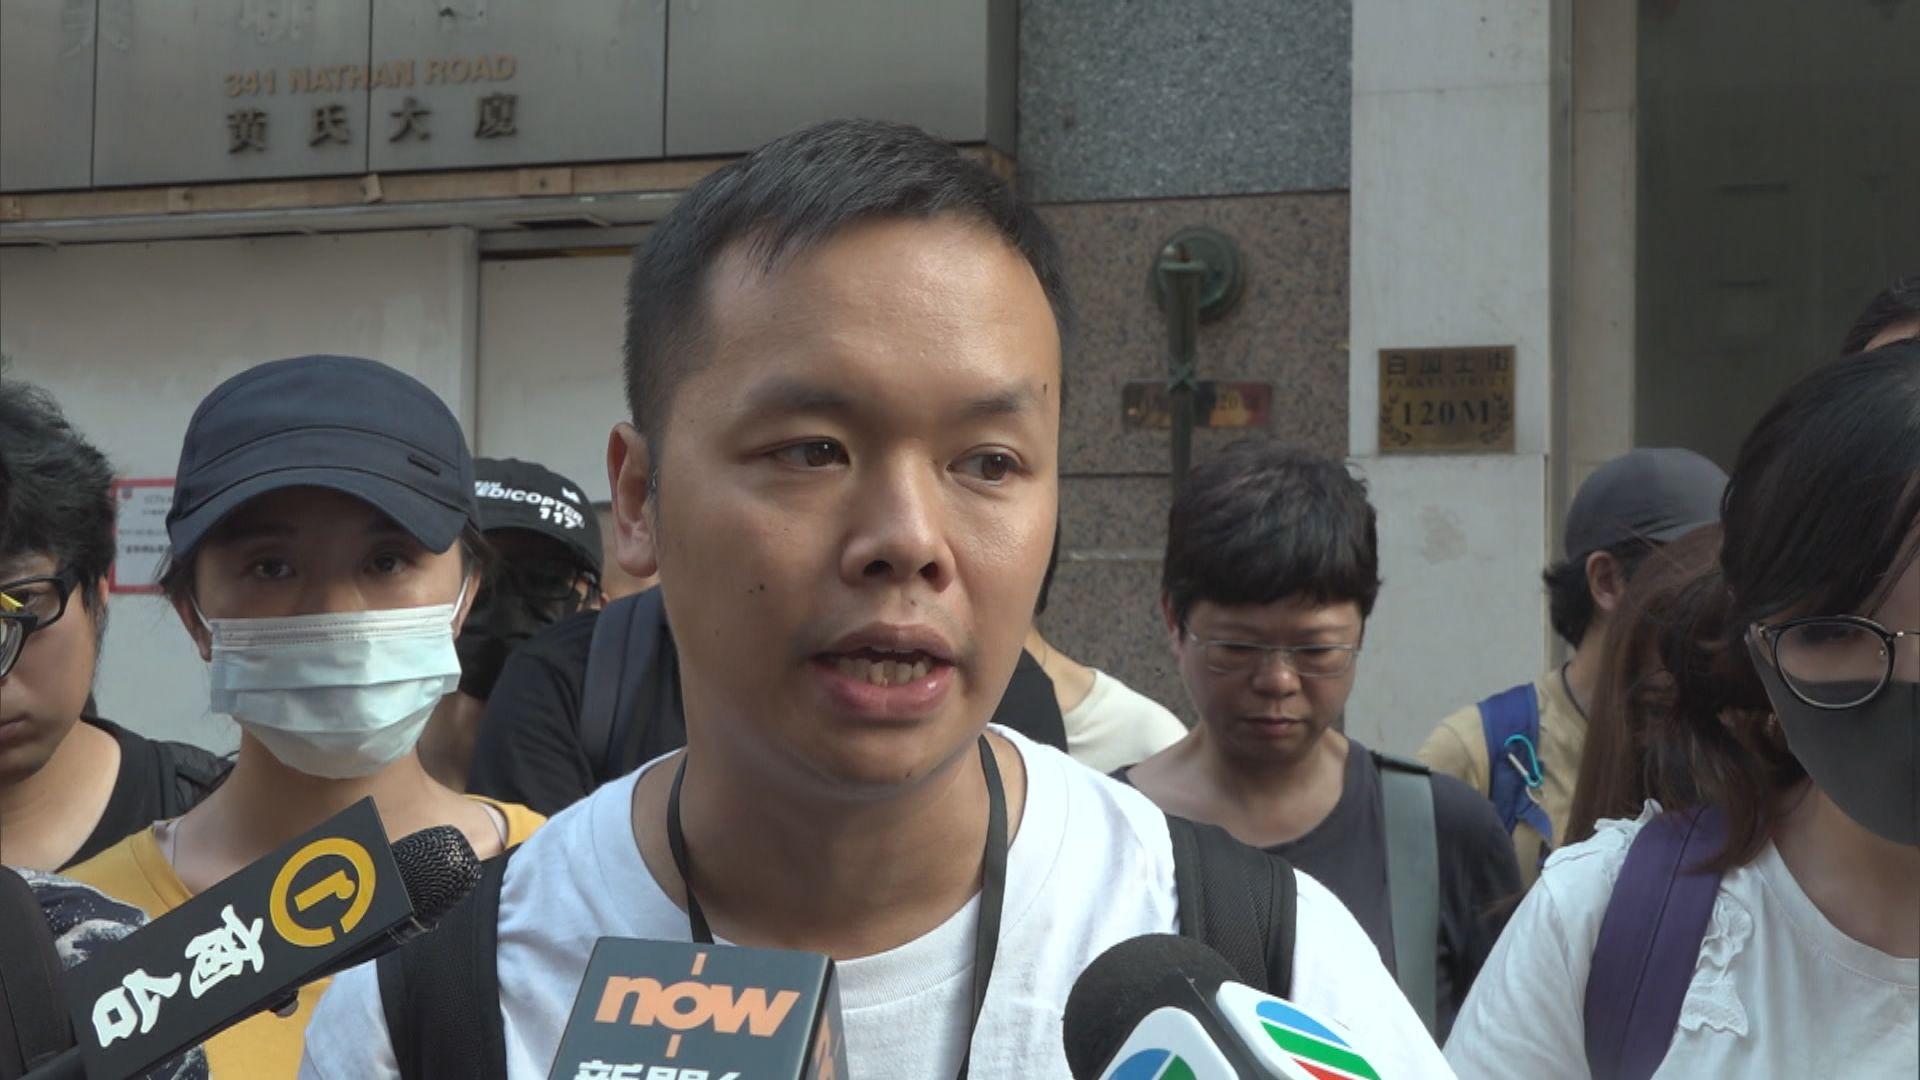 大埔遊行申請人陳凱興宣布810遊行取消